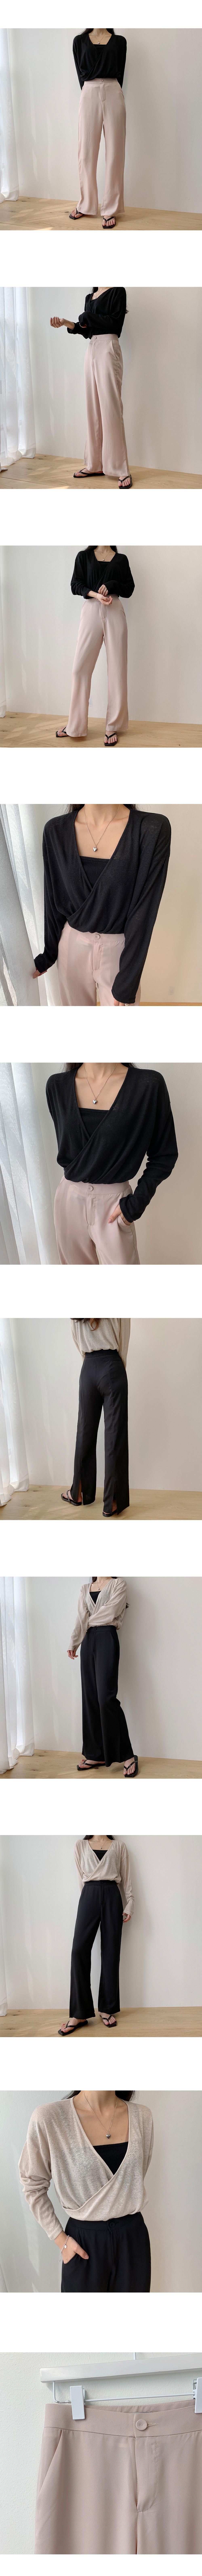 Back incision slim wide slacks